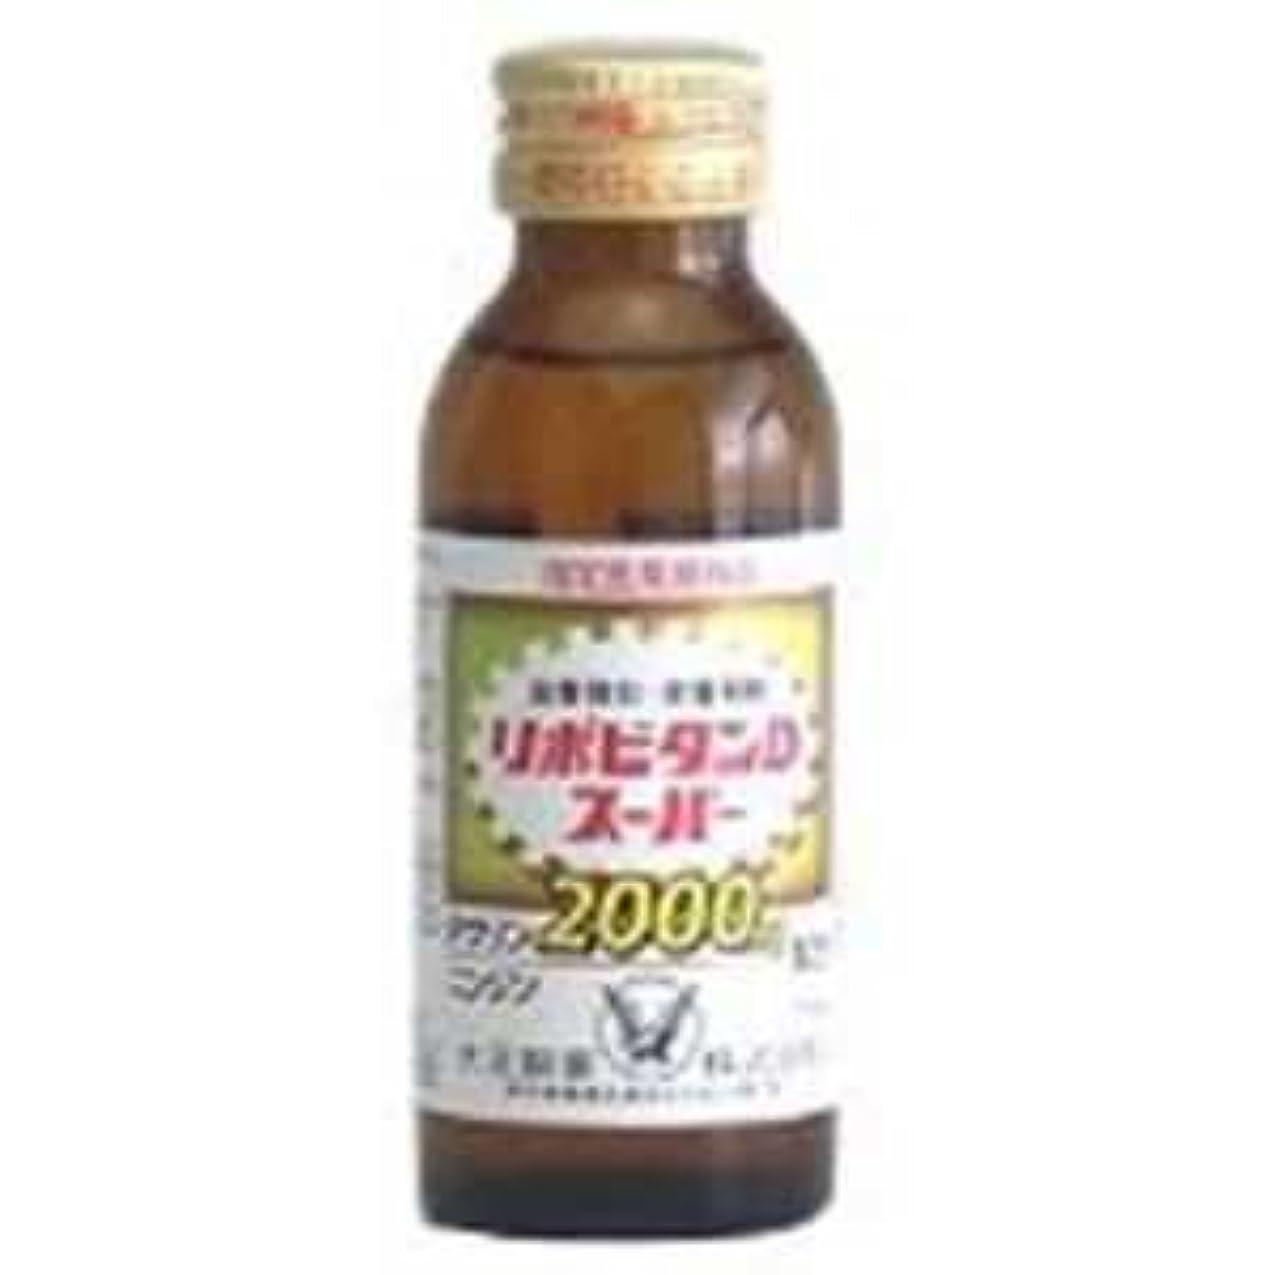 退院基礎用心大正製薬 リポビタンDスーパー (100ml) 【指定医薬部外品】